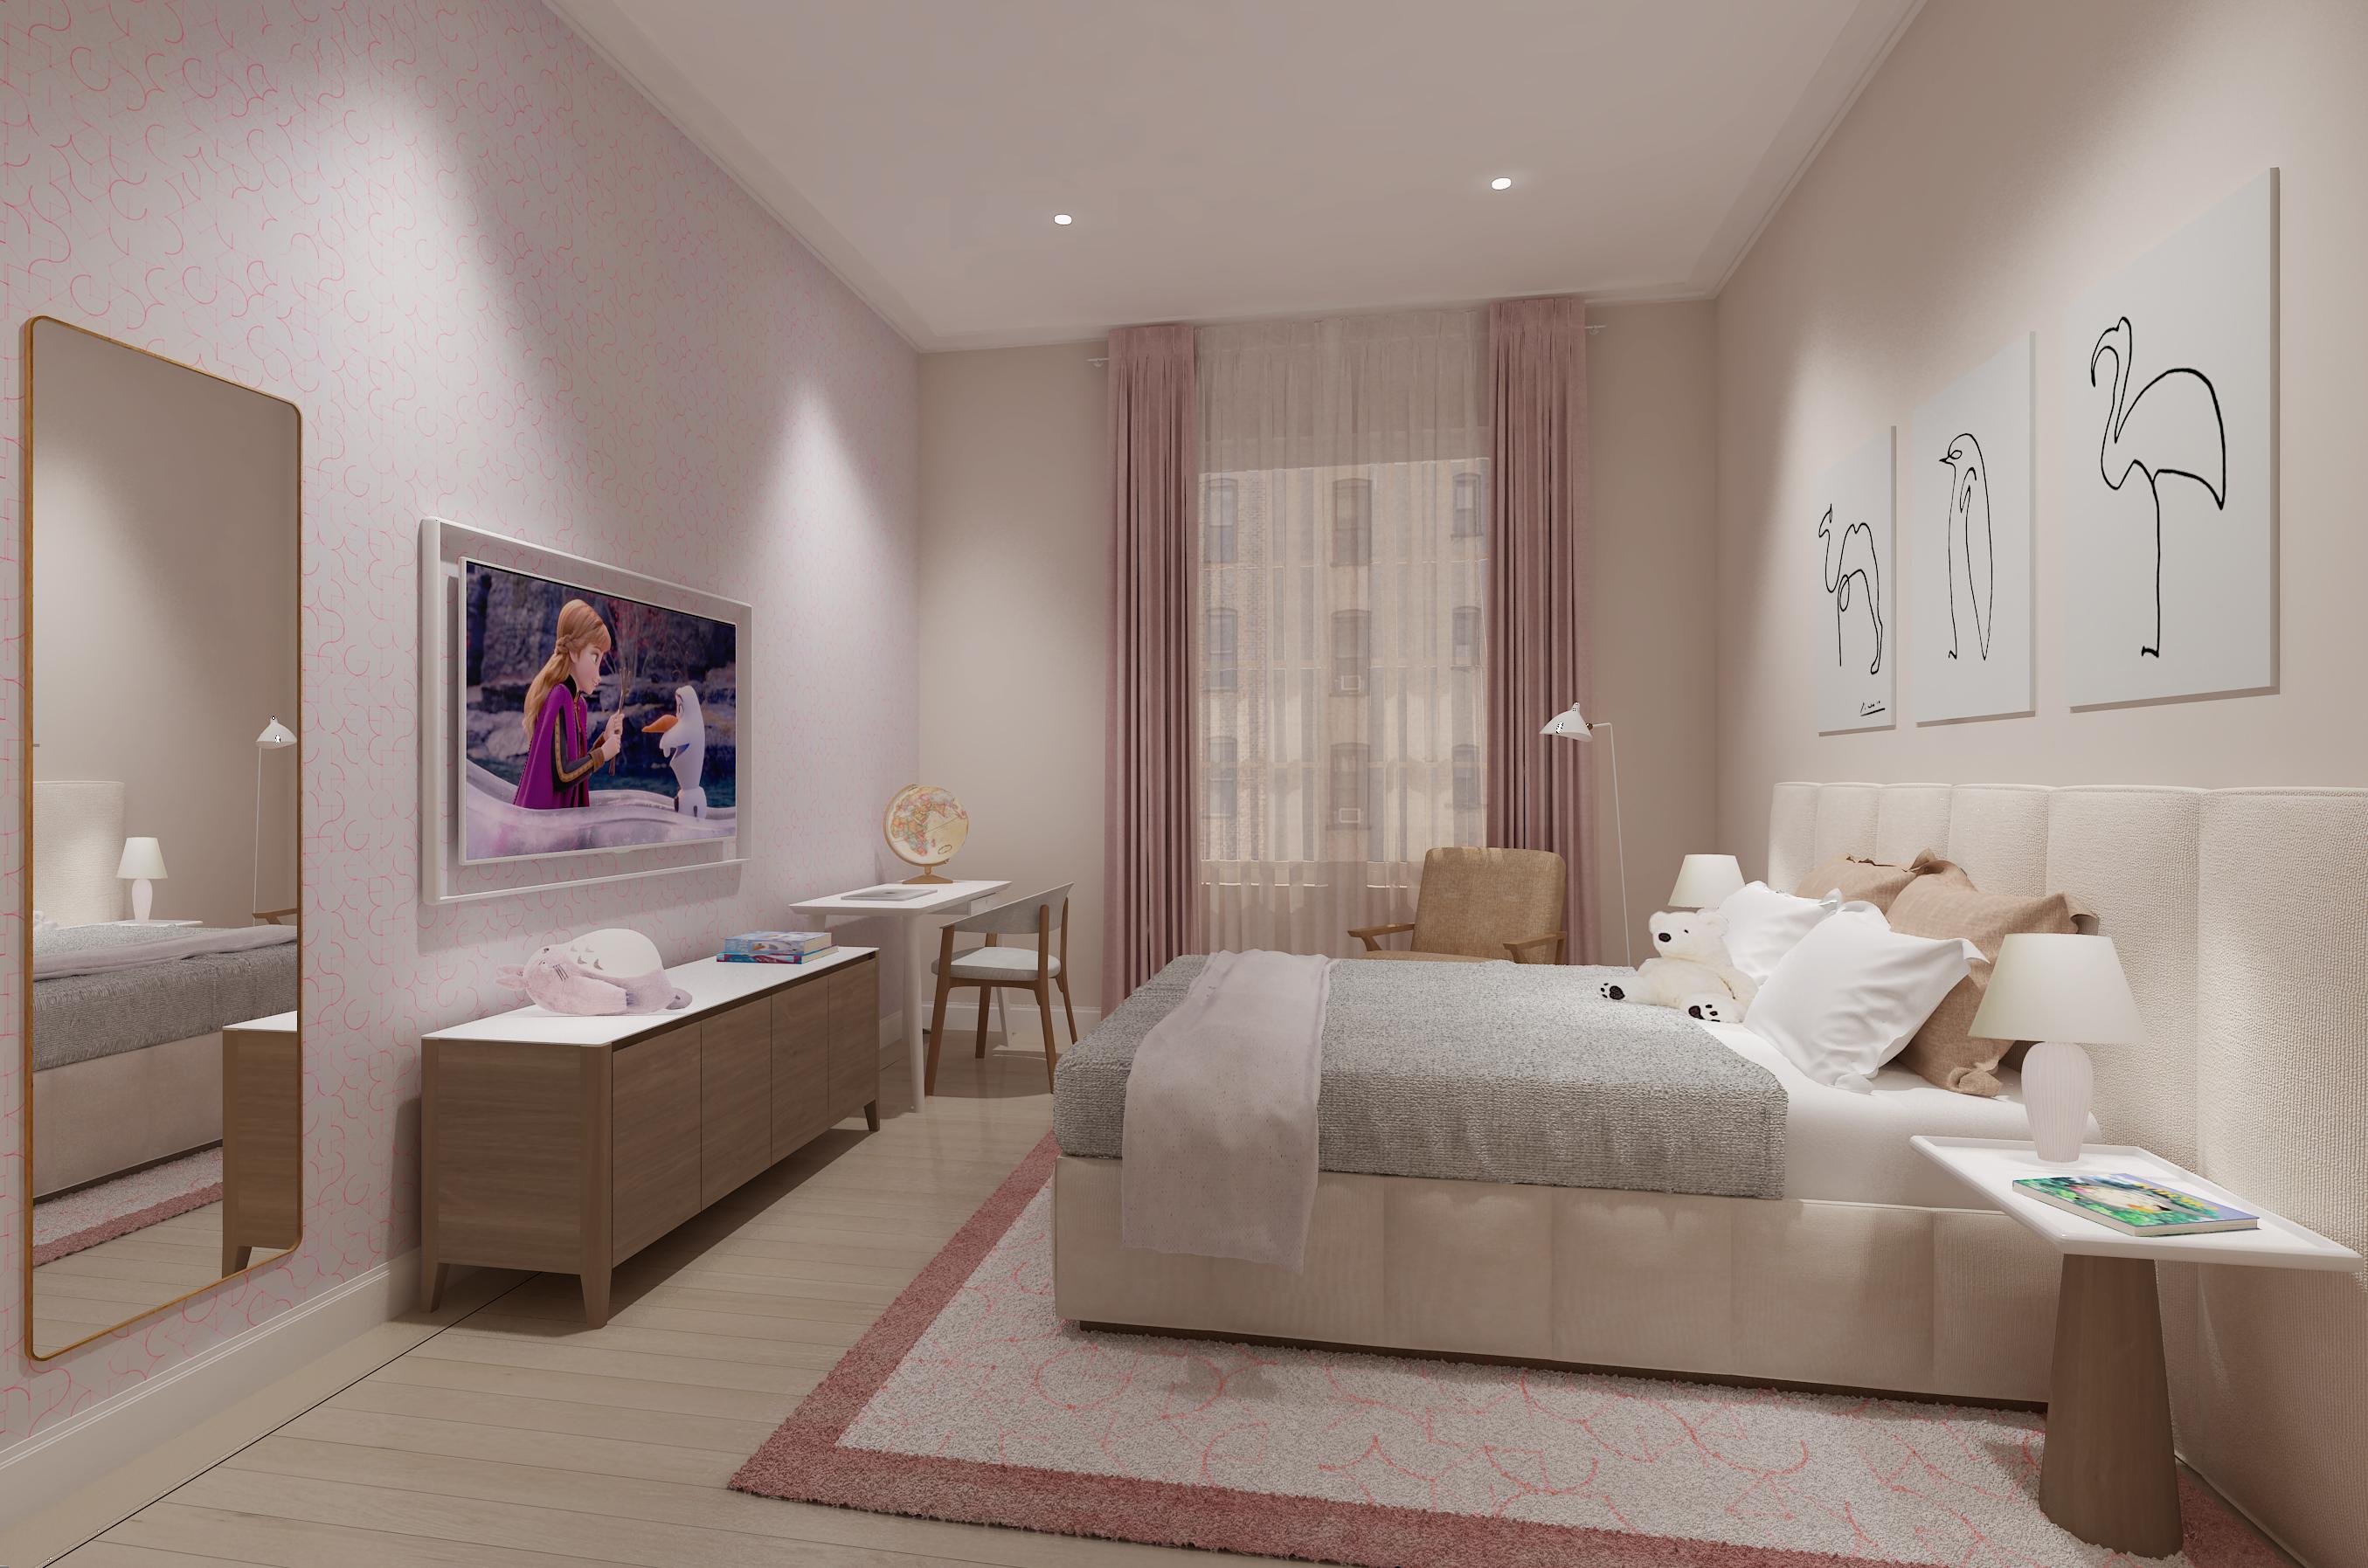 307_Bedroom 37